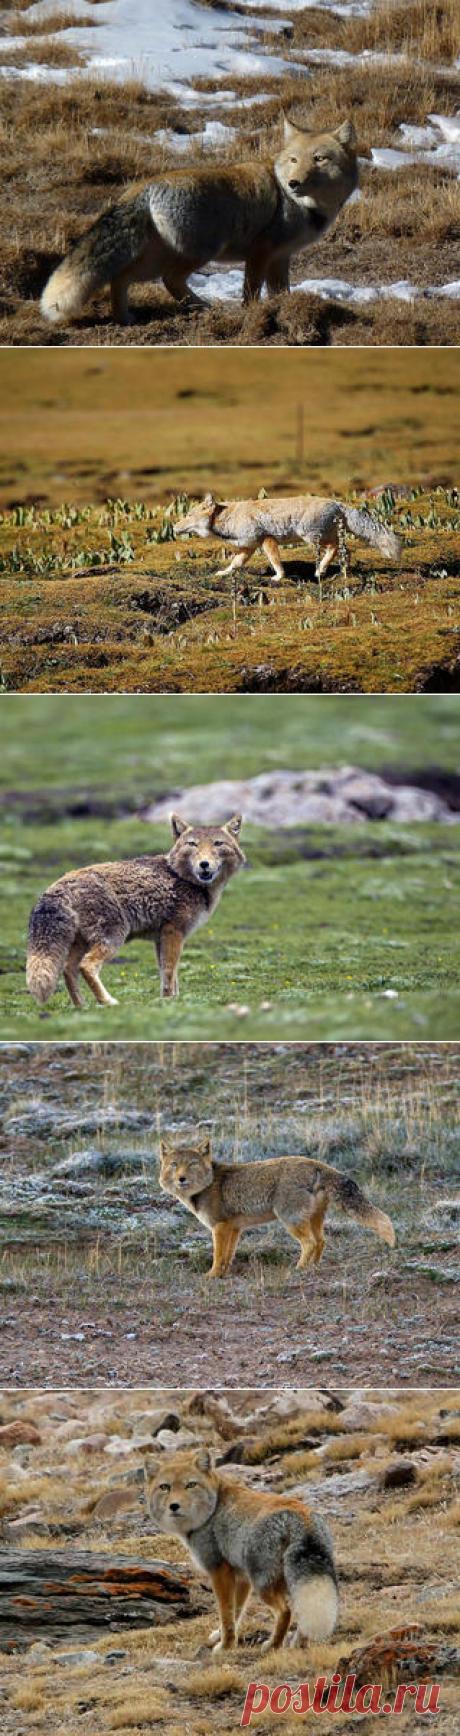 Смотреть изображения тибетских лисиц | Зооляндия